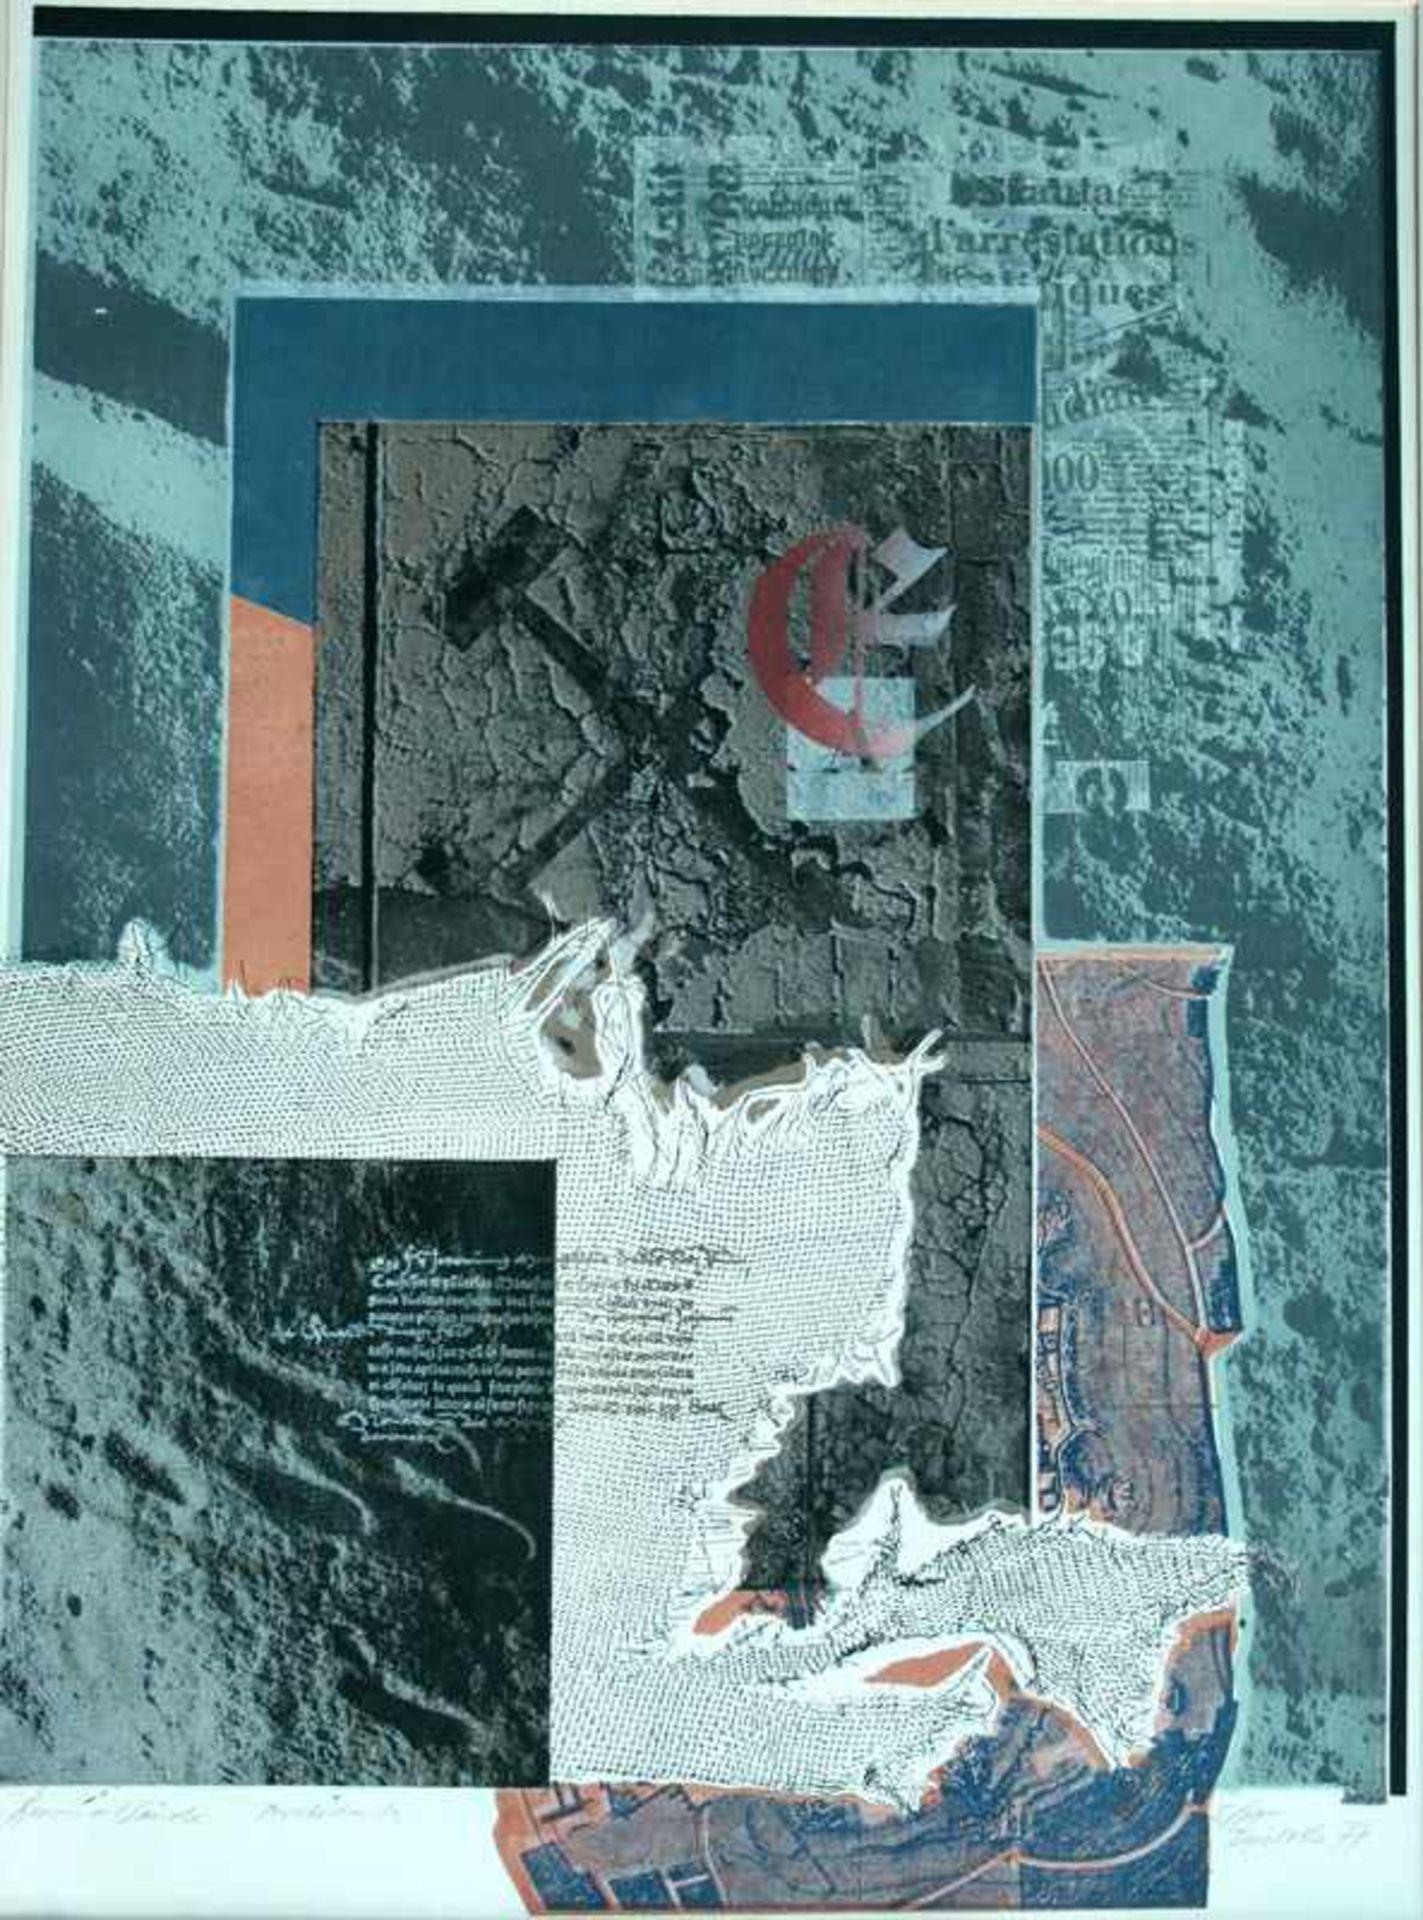 Los 41 - Dieter Tucholke (Berlin 1934 - 2001 Berlin, deutscher Maler, Grafiker u. Collagekünstler, Std. a.